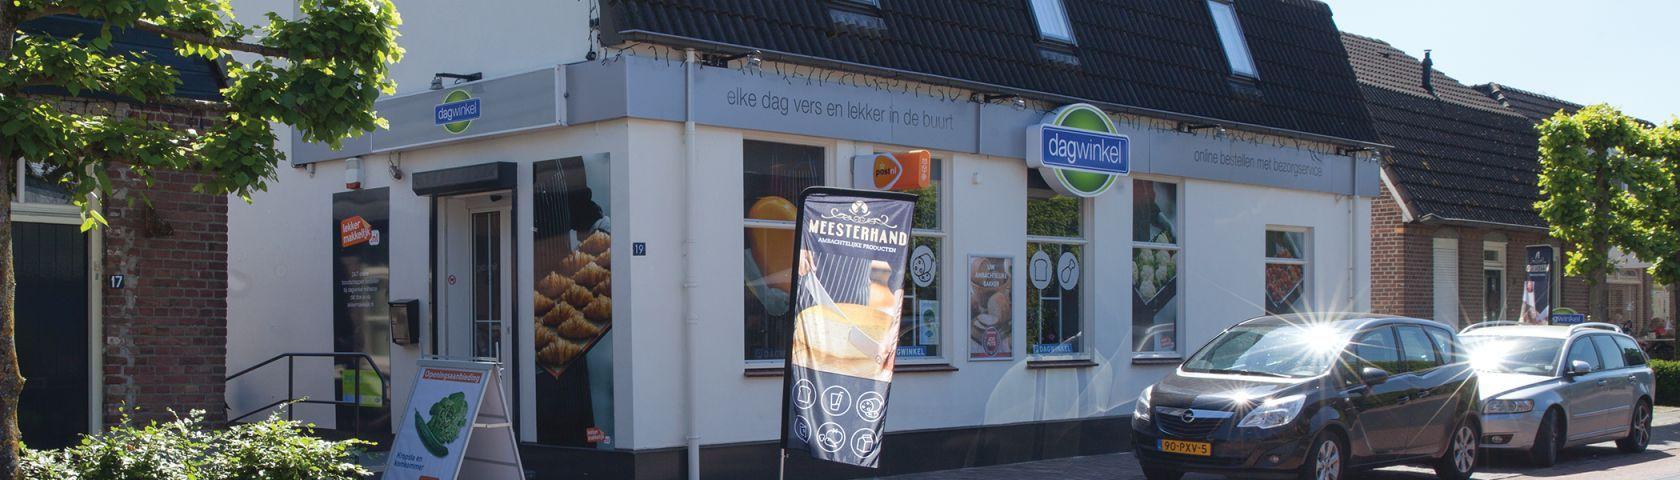 LekkerMakkelijk.nl